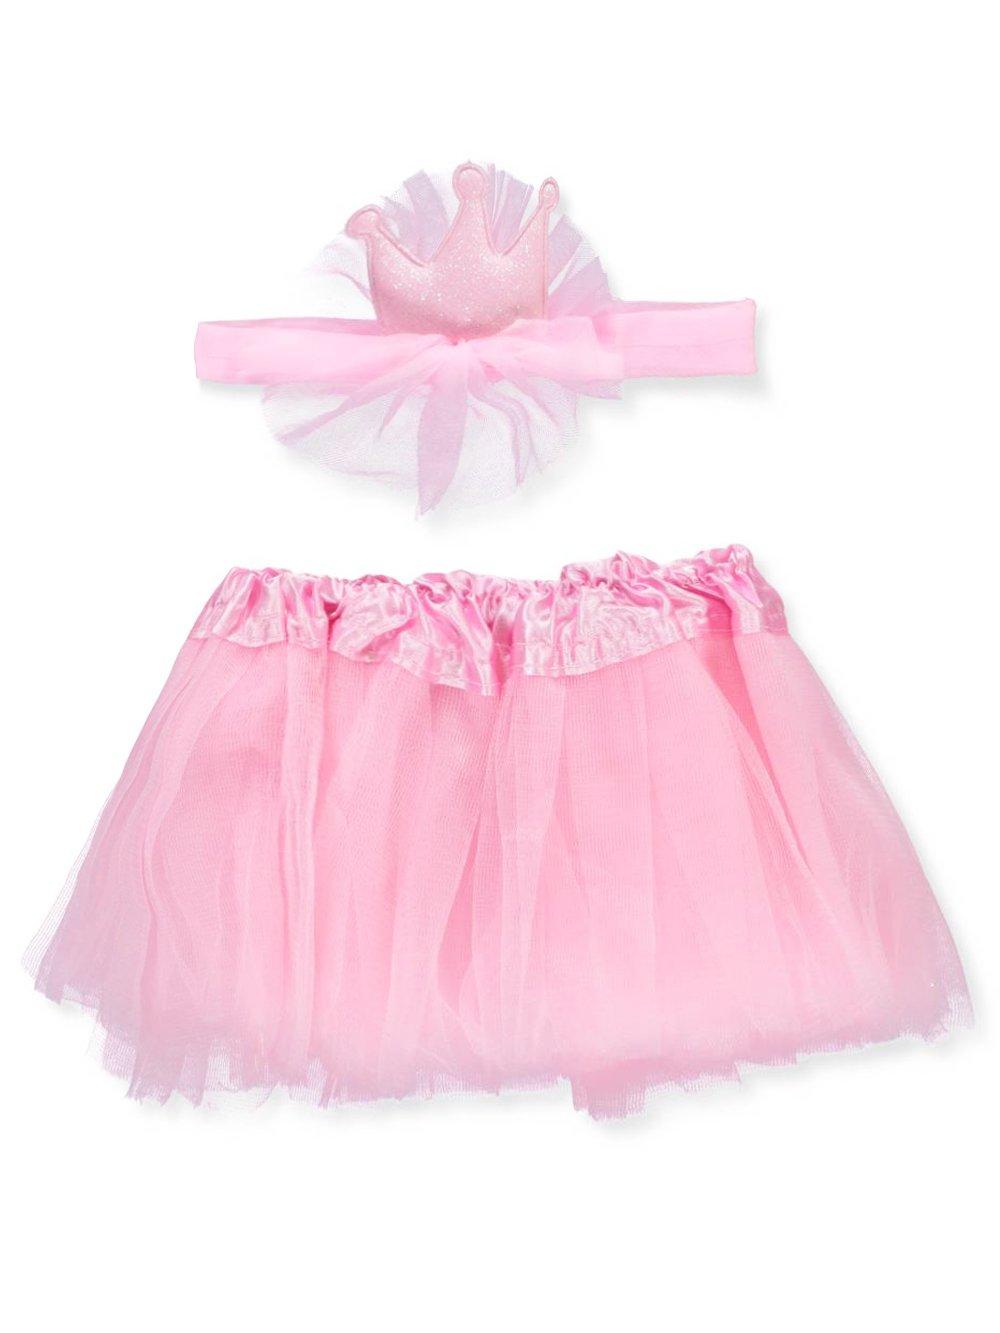 Rising Star Pink Headwrap /& Tutu Set 0-12 Months